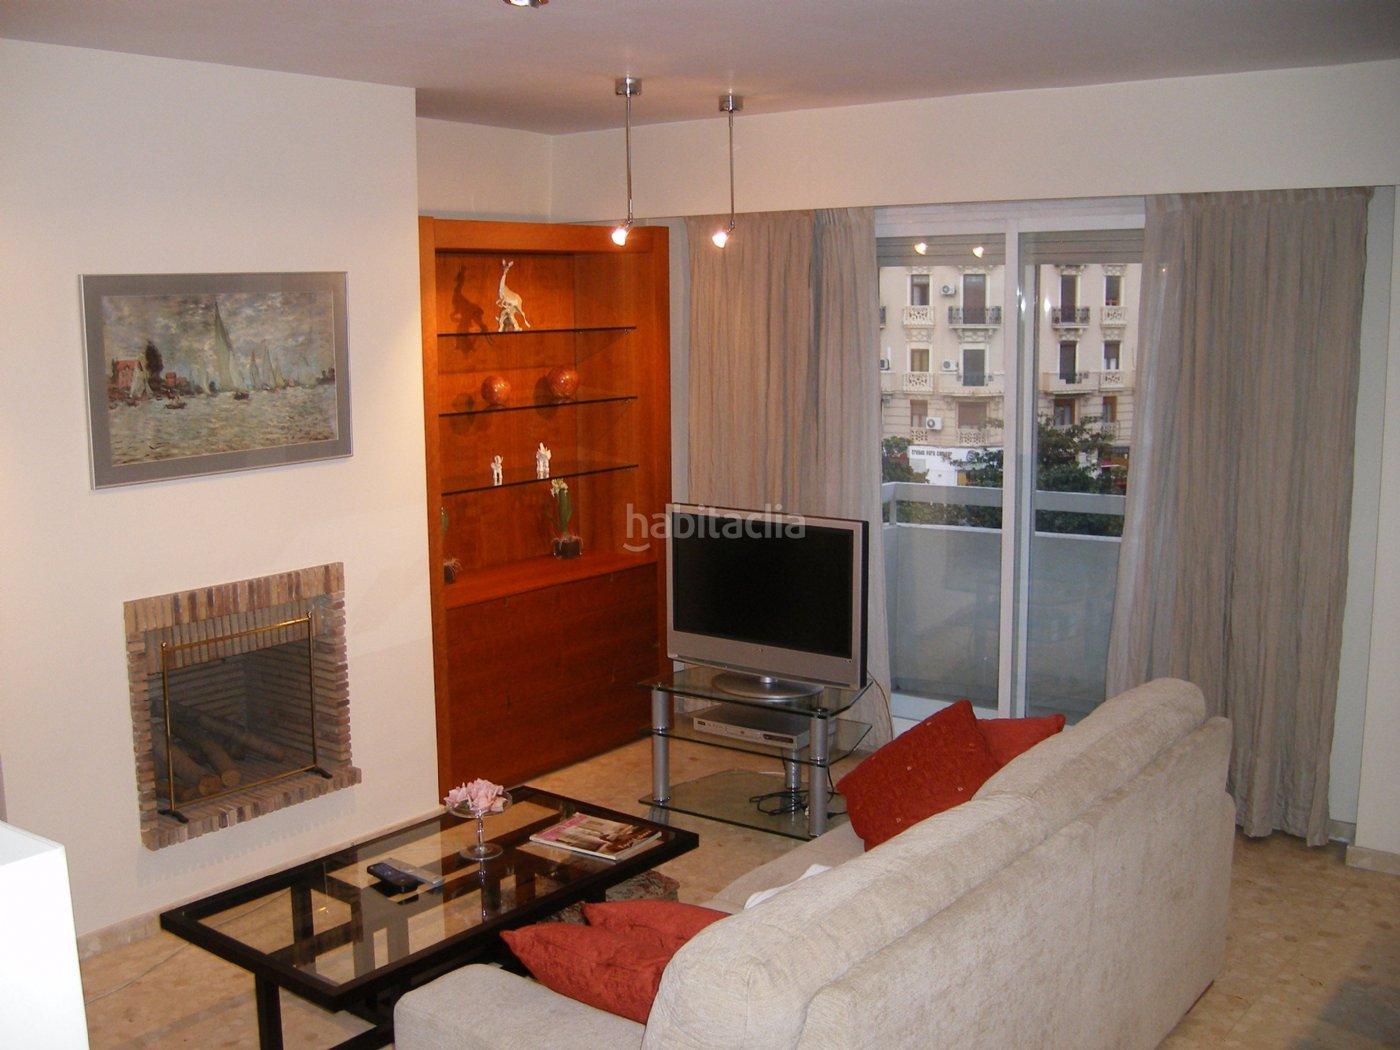 Alquiler piso por 850 en calle jesus en arrancapins for Piso alquiler valencia